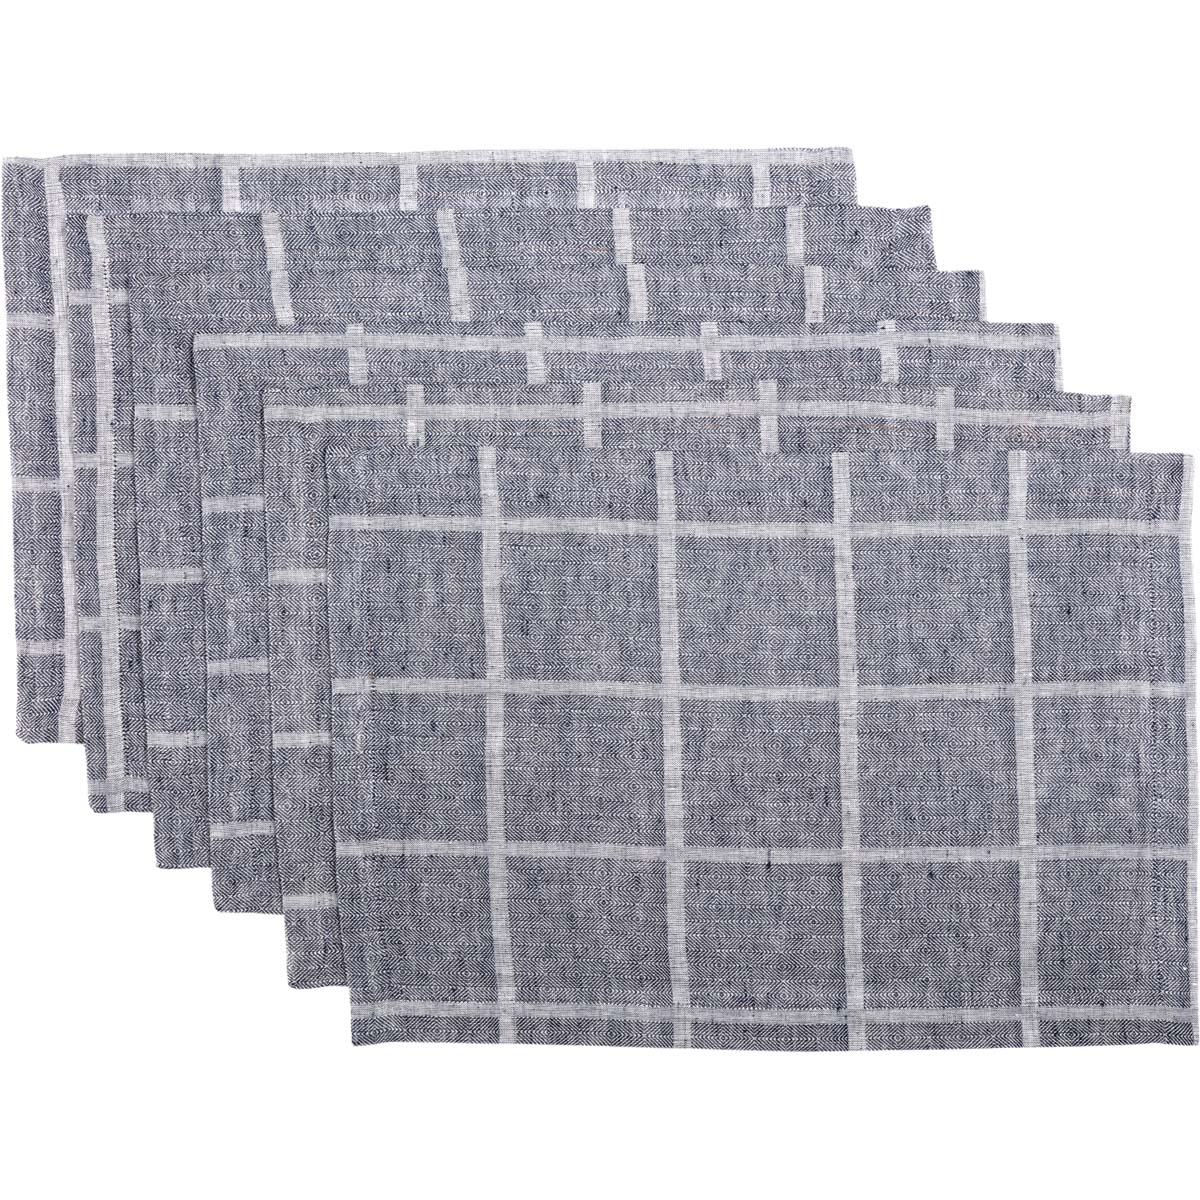 Julie Navy Plaid Placemat Set of 6 12x18